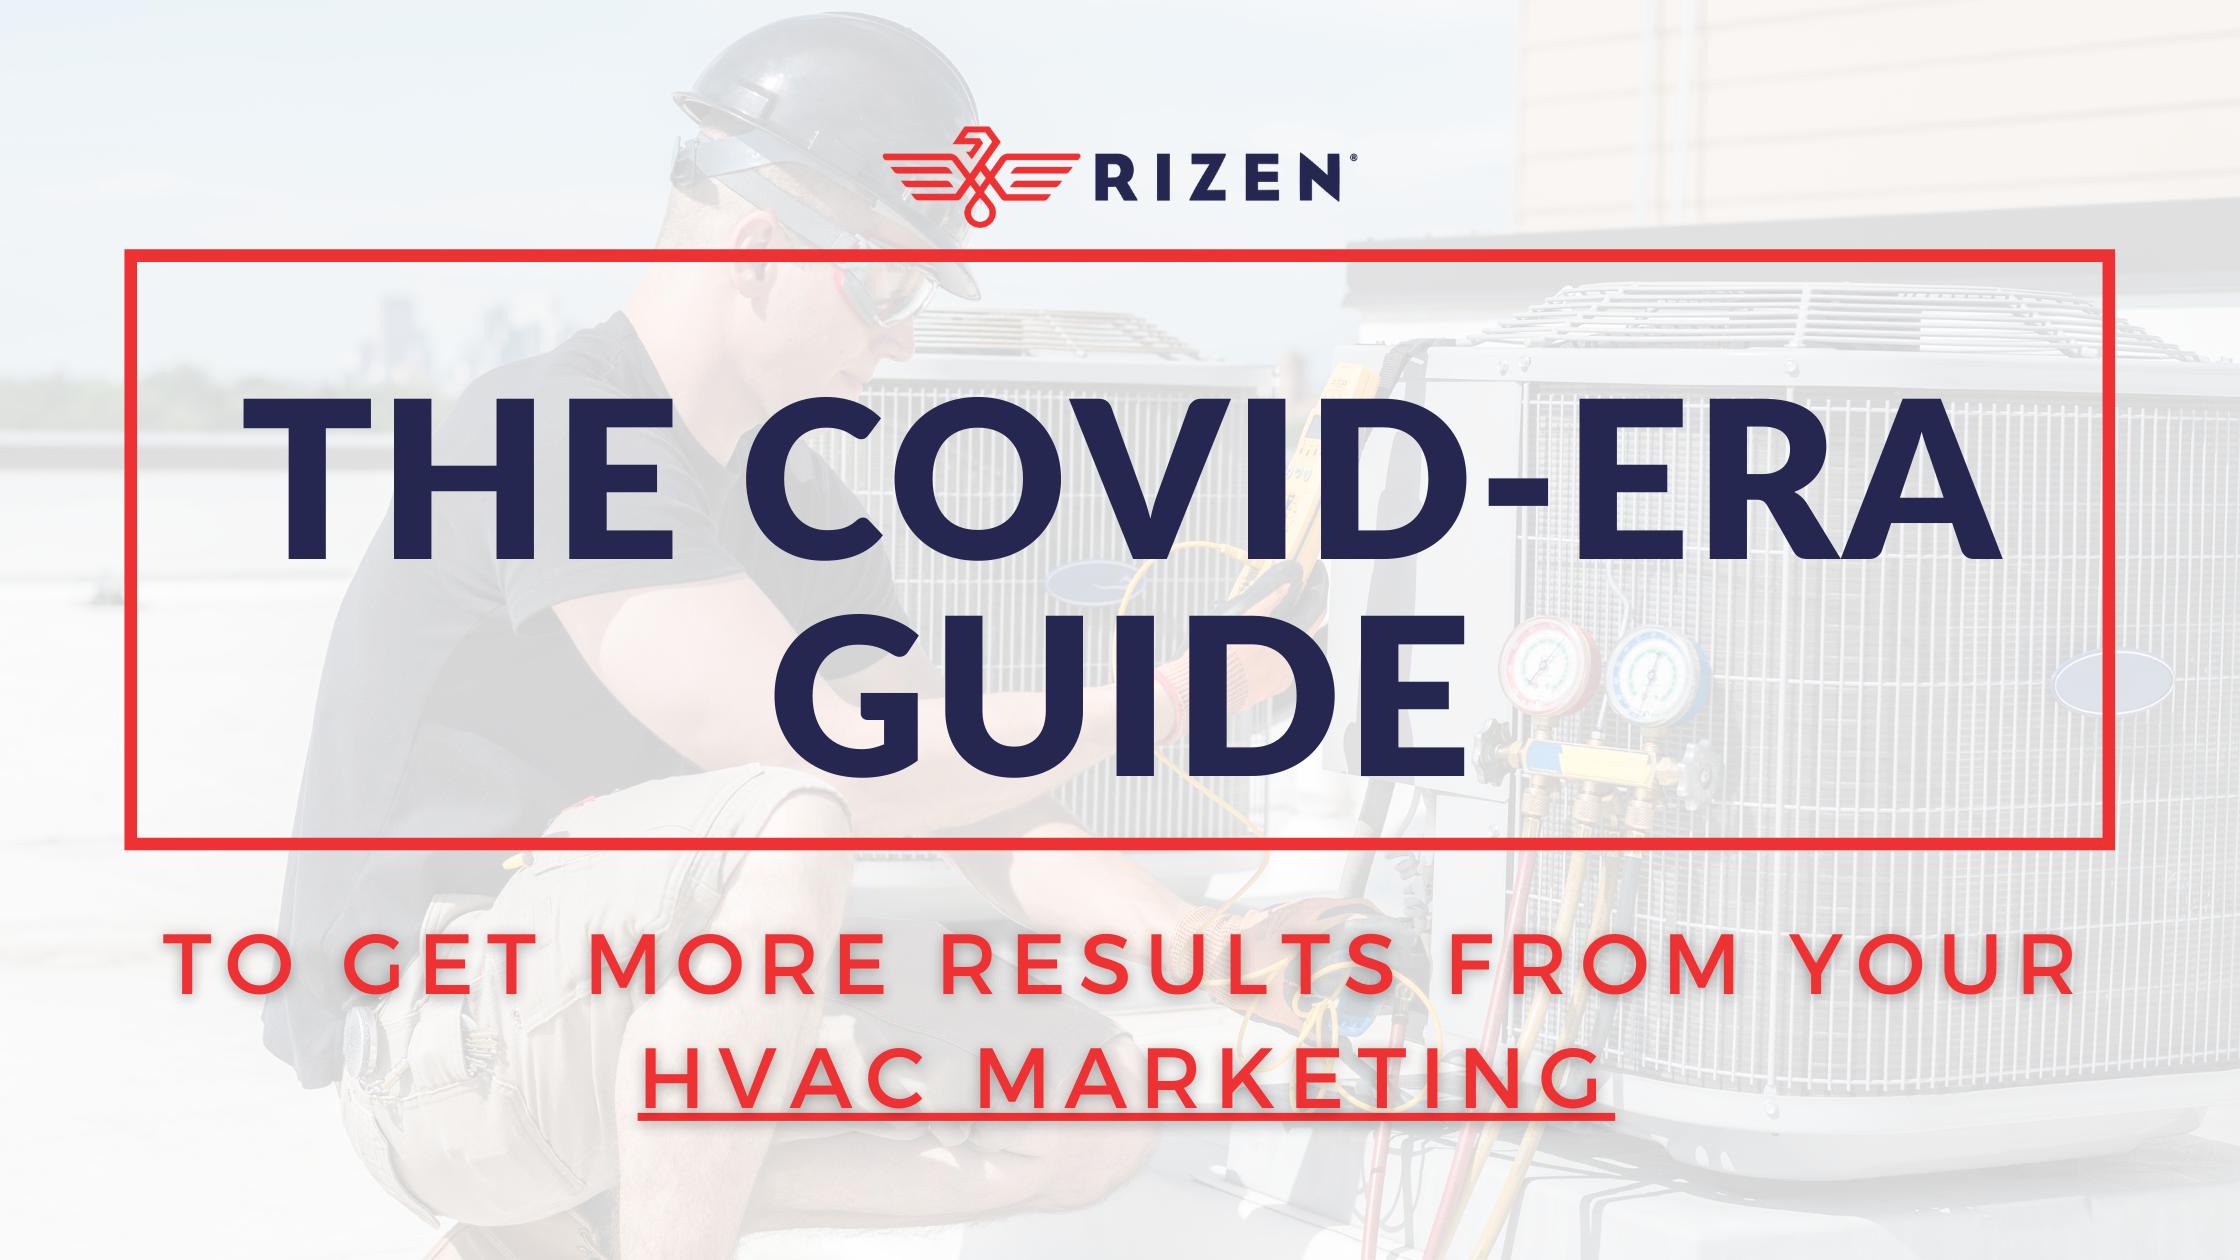 HVAC Marketing Hero